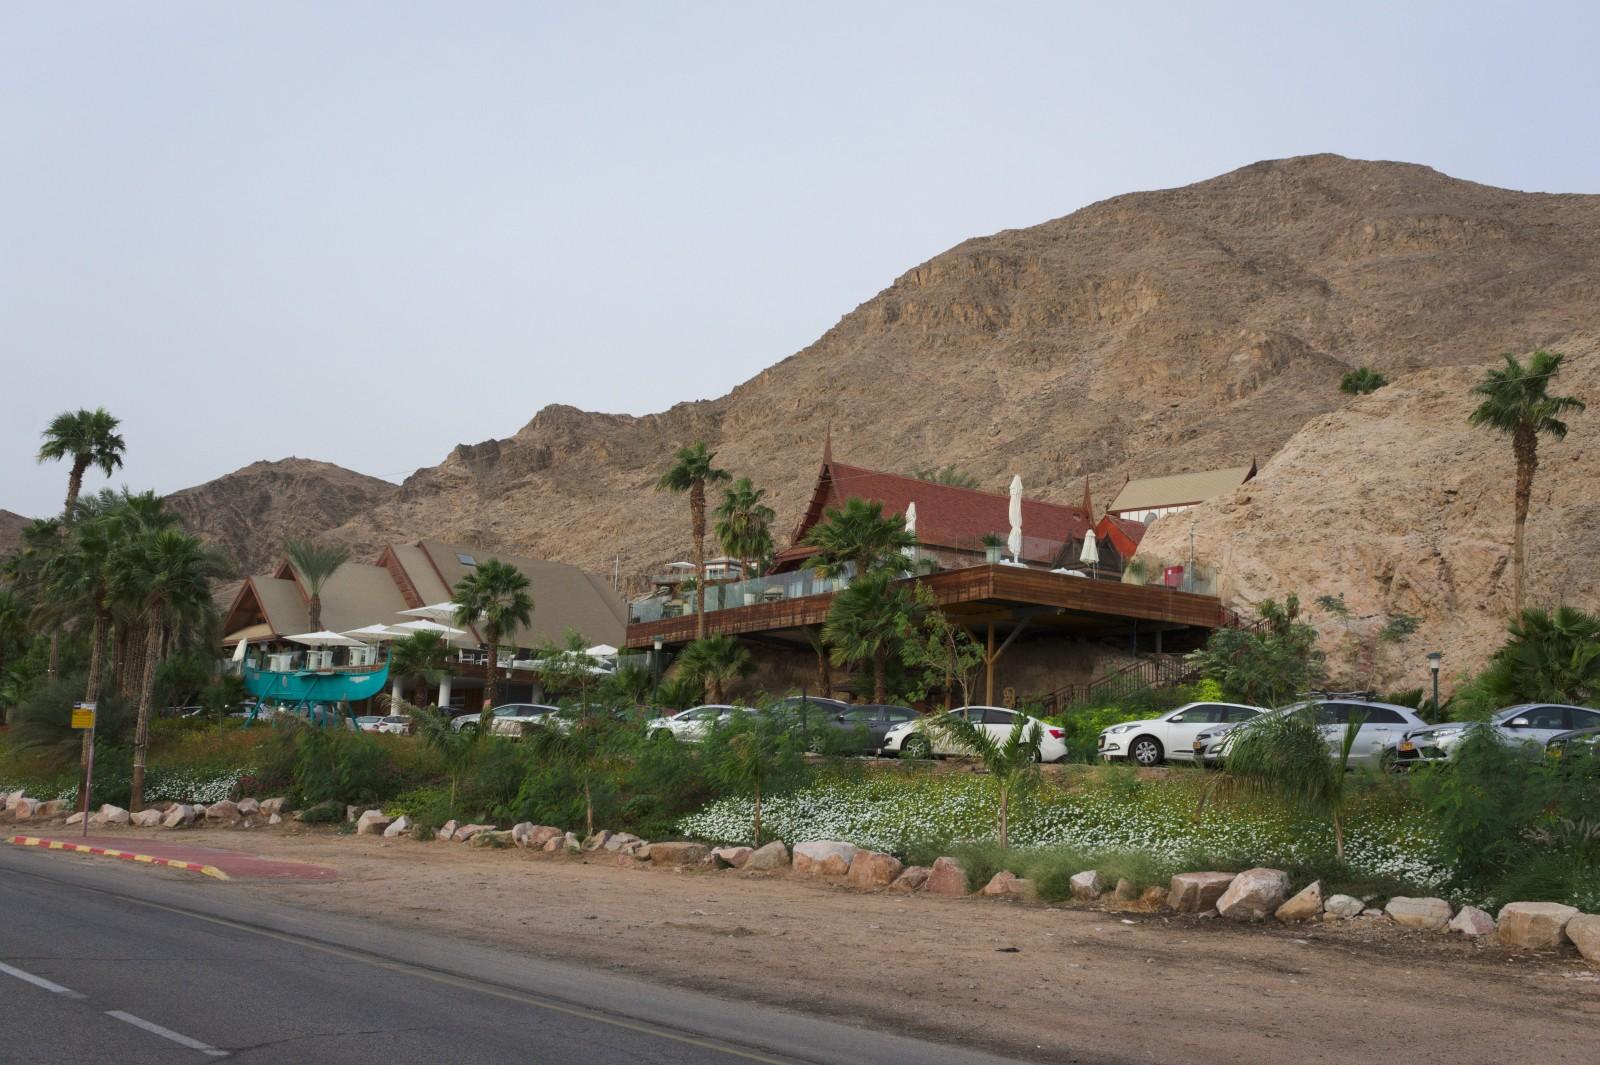 Eilat je turistickým rájem, čím blíže městu, tím více hotelů